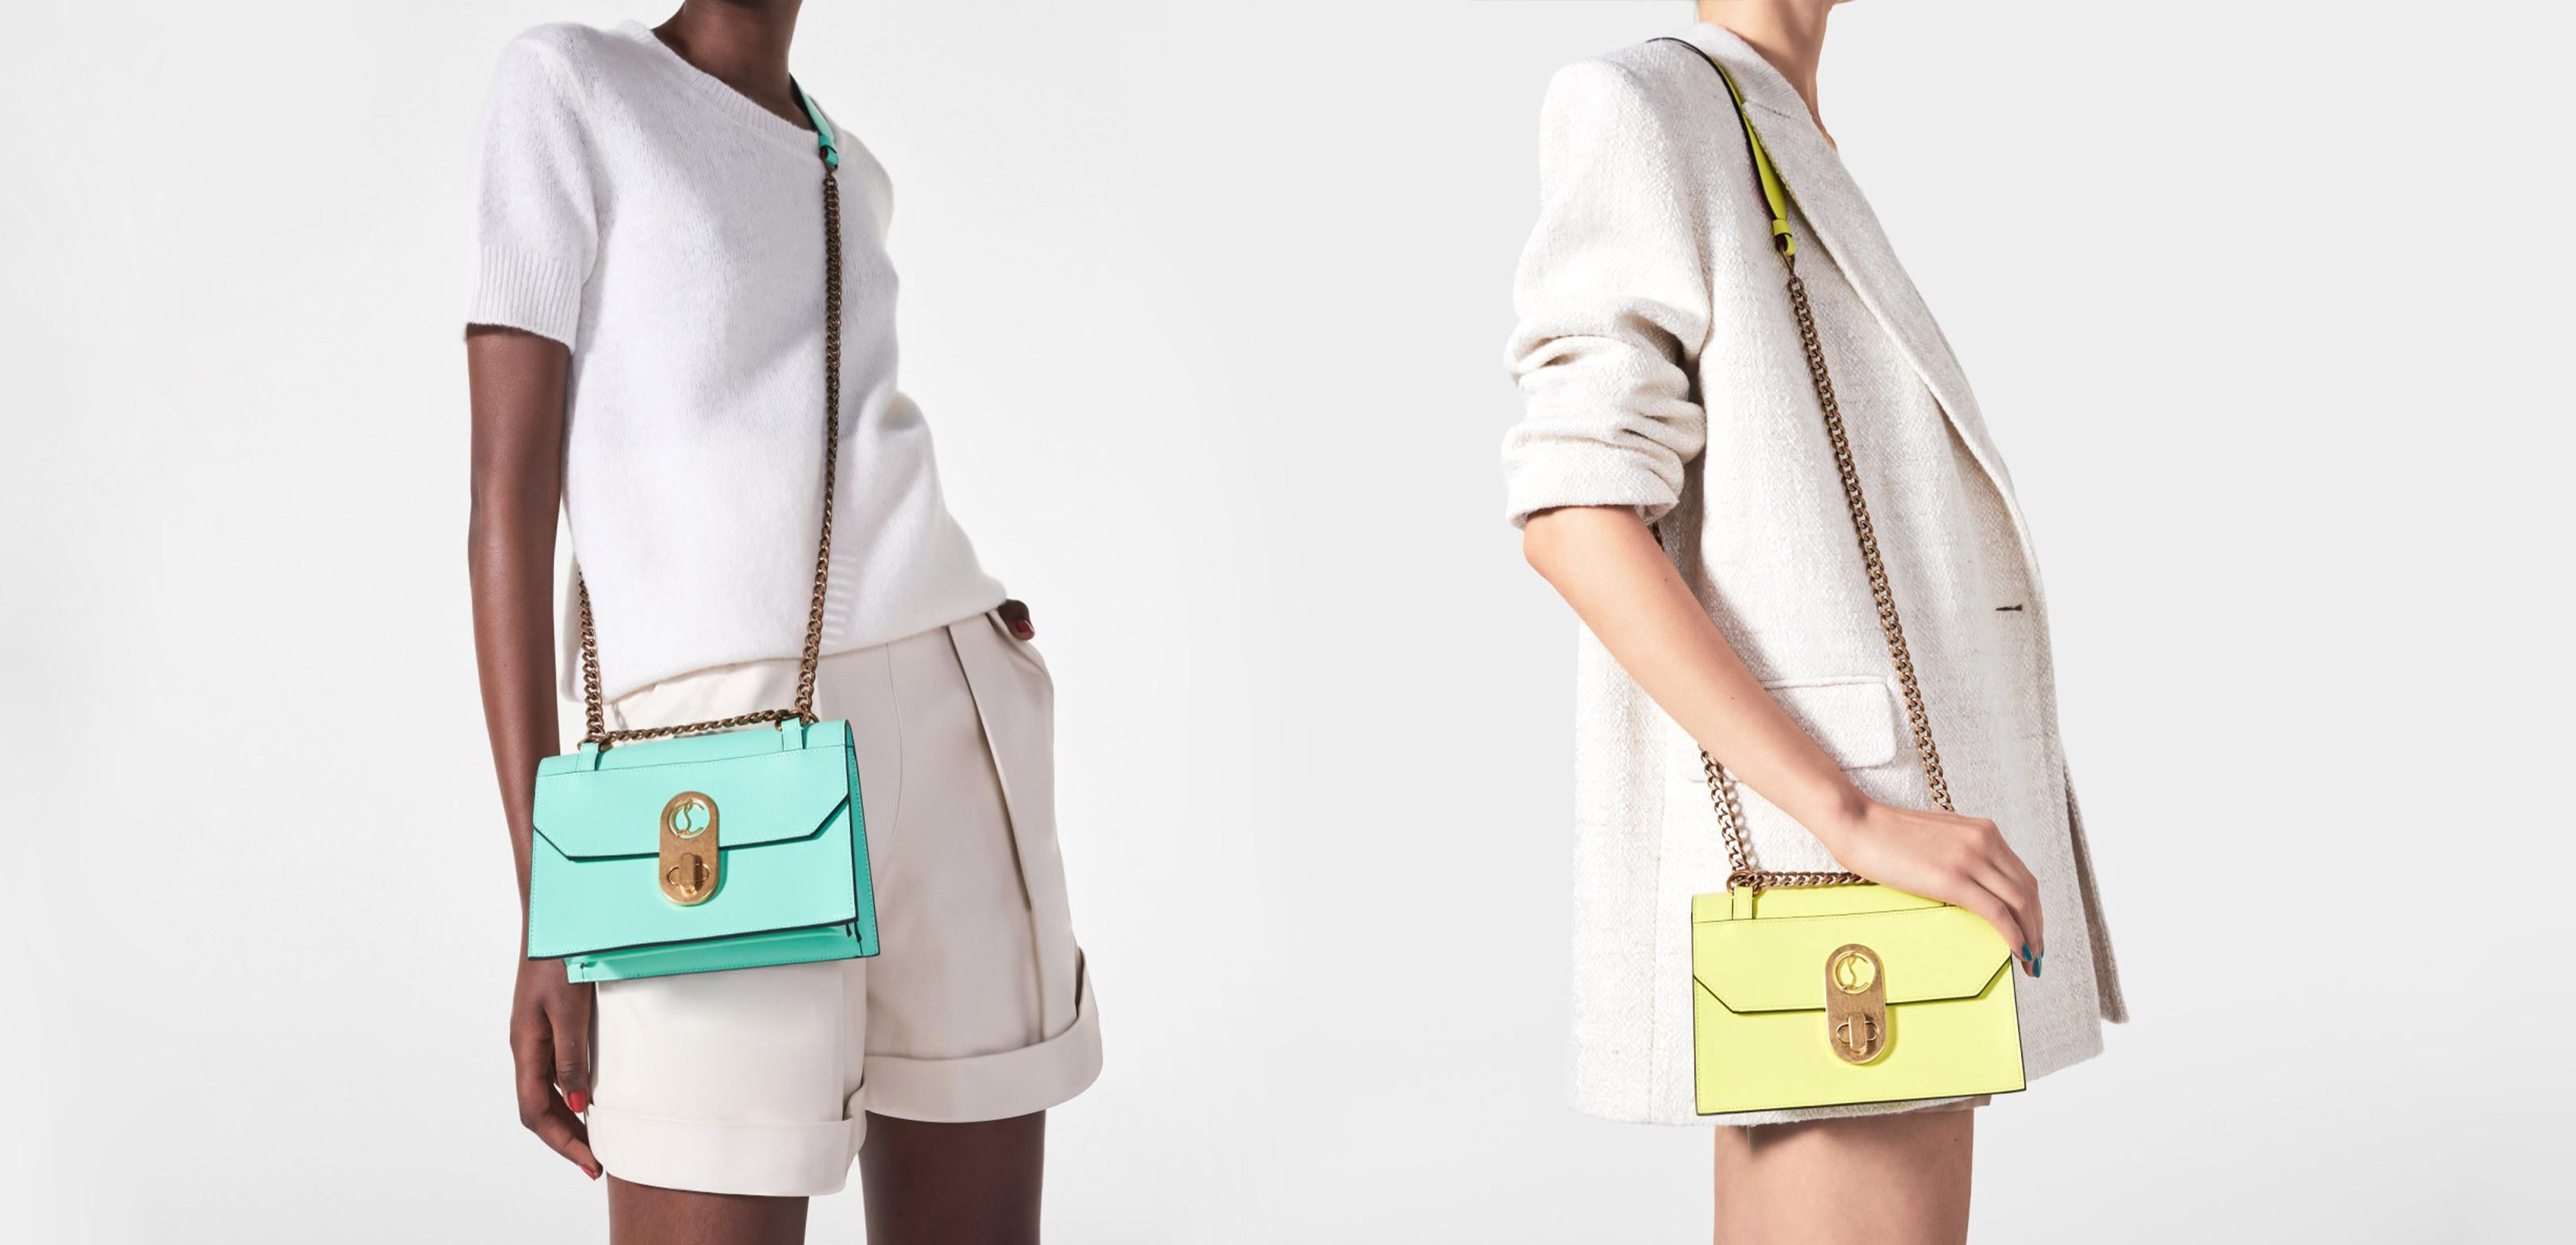 Jak dopasować torebkę do stylizacji?